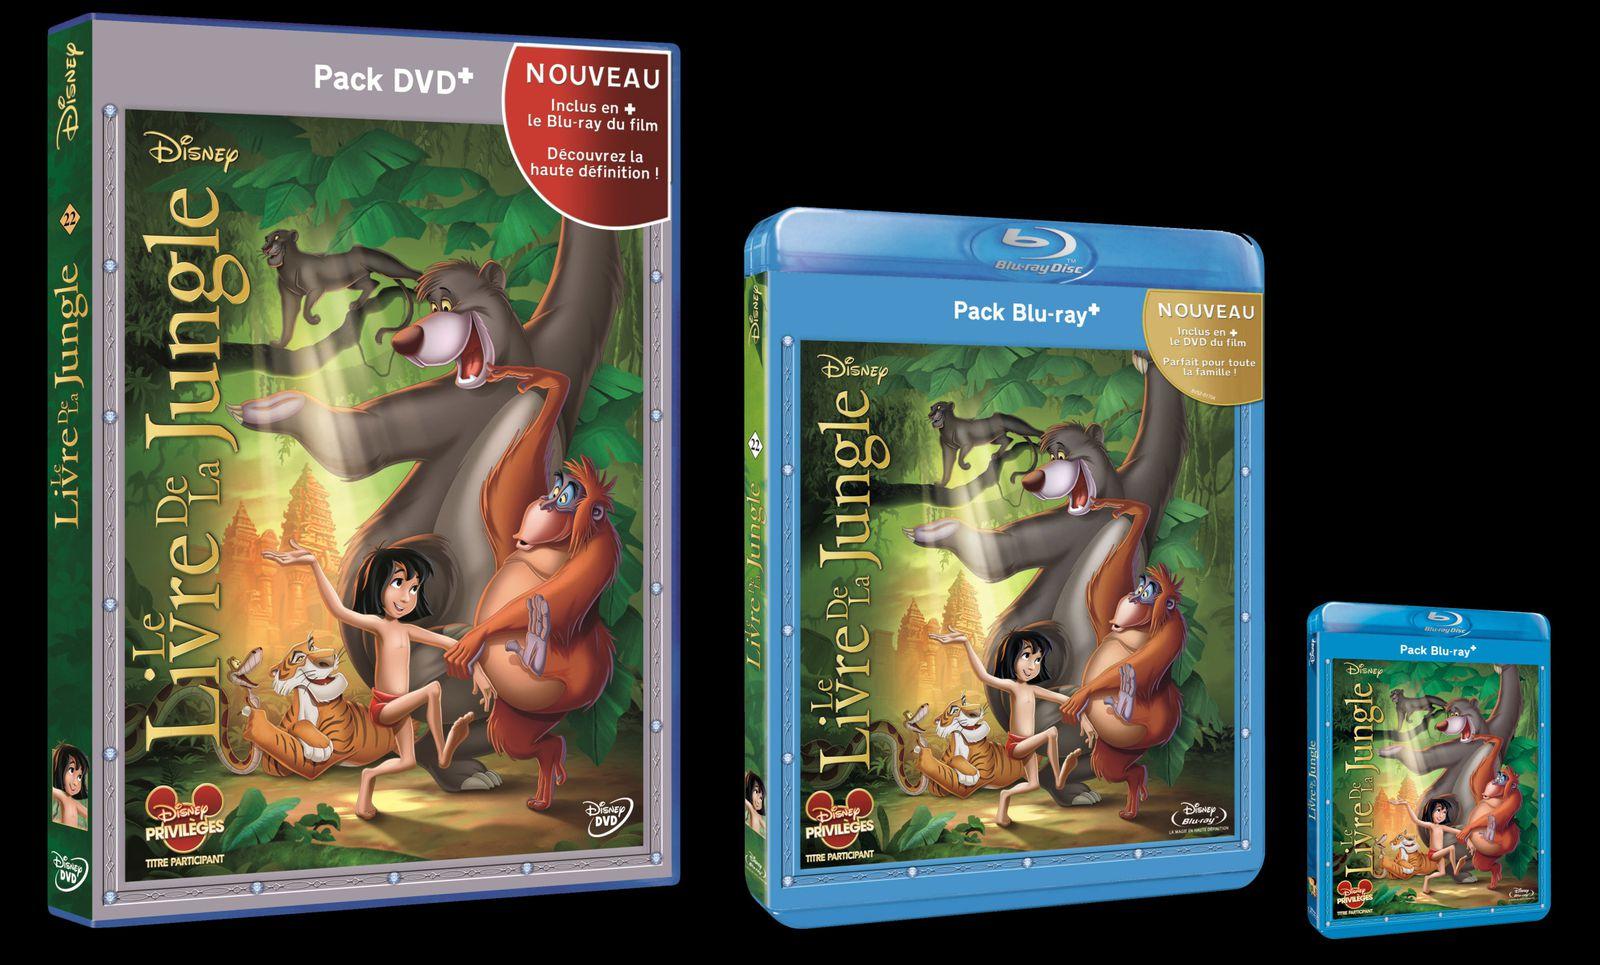 Le Livre de la Jungle : Pour la première fois en Blu-ray le 21 Août 2013